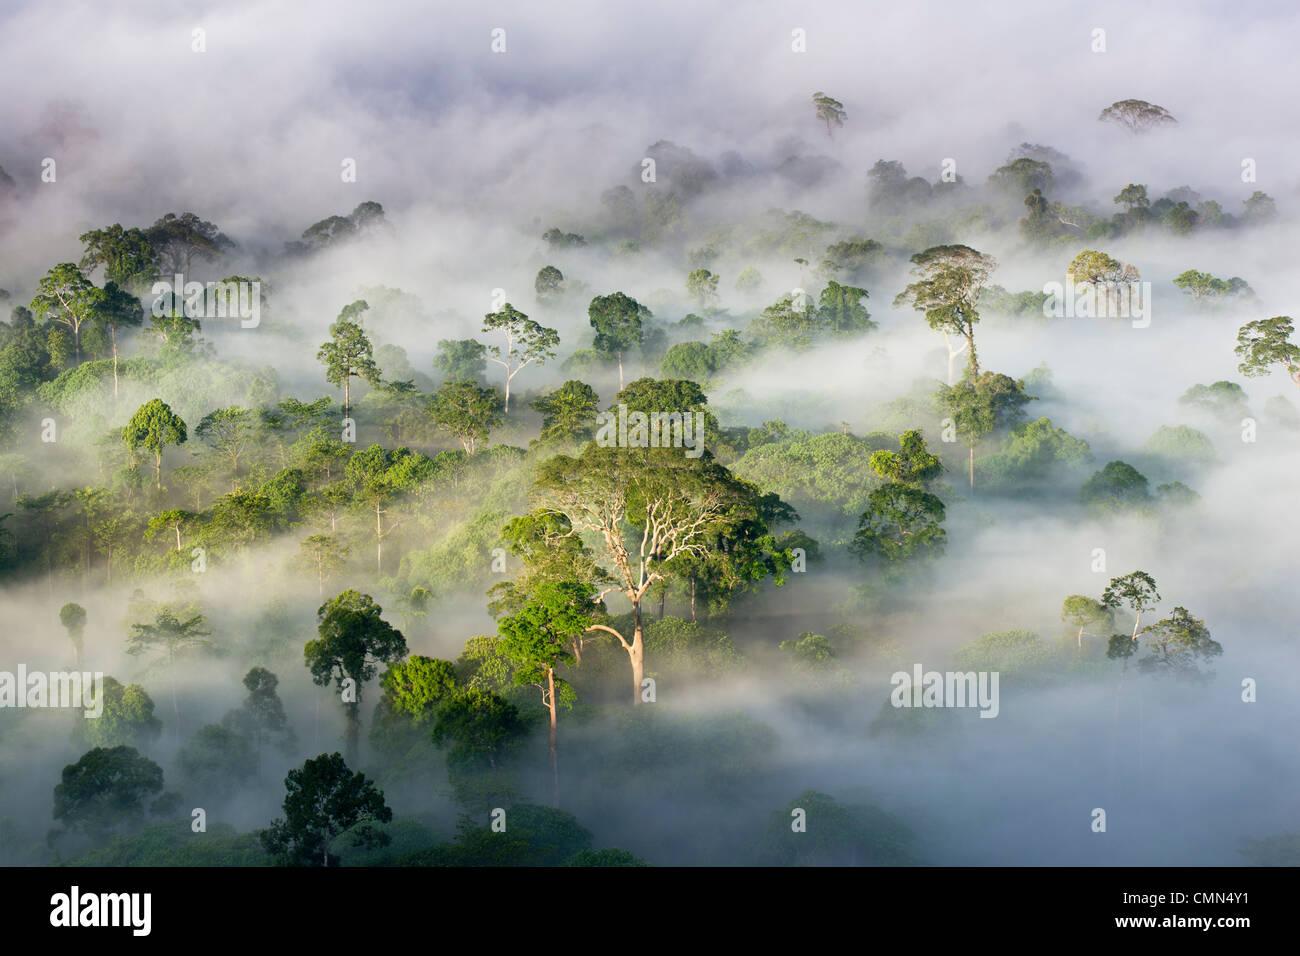 La niebla y las nubes bajas colgando sobre las tierras bajas, Bosque dipterocarp después del amanecer. Corazón Imagen De Stock